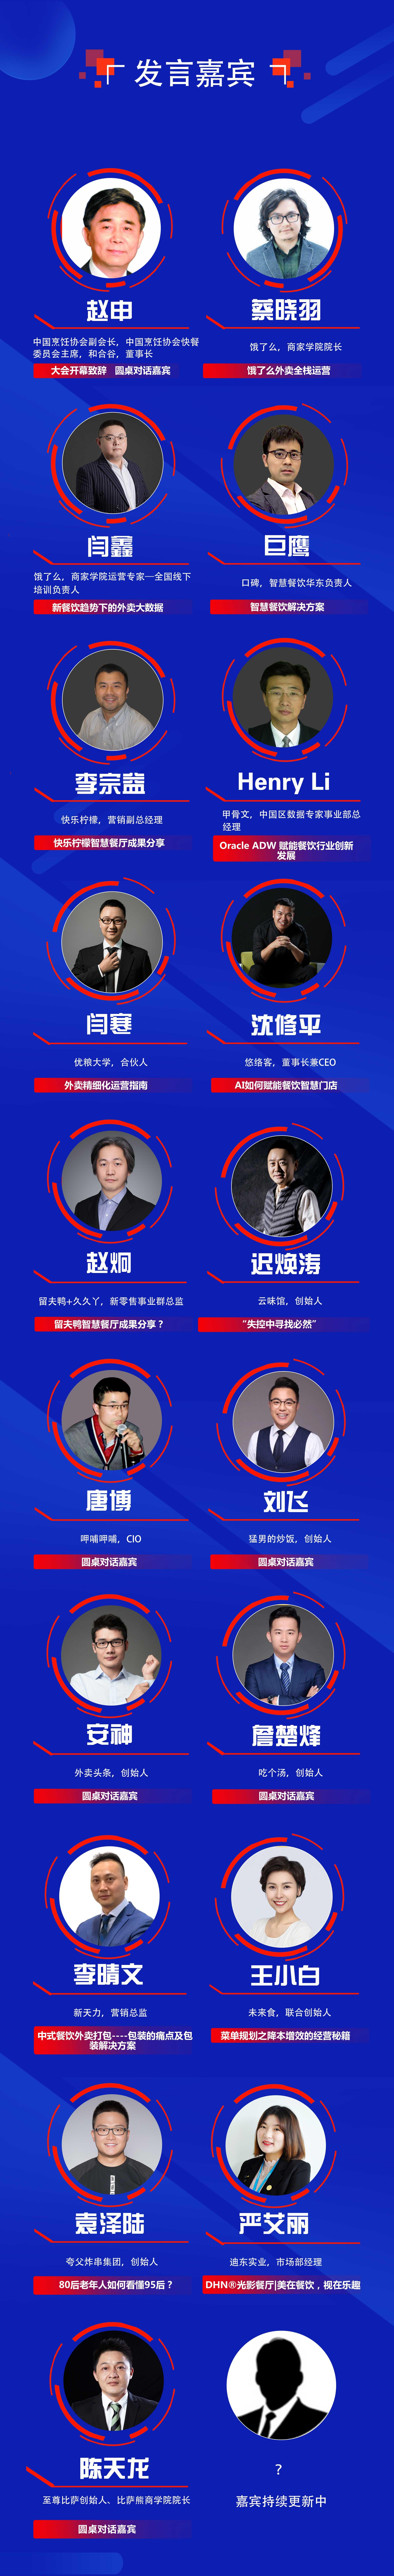 2019第六届智慧餐饮创新峰会(上海)